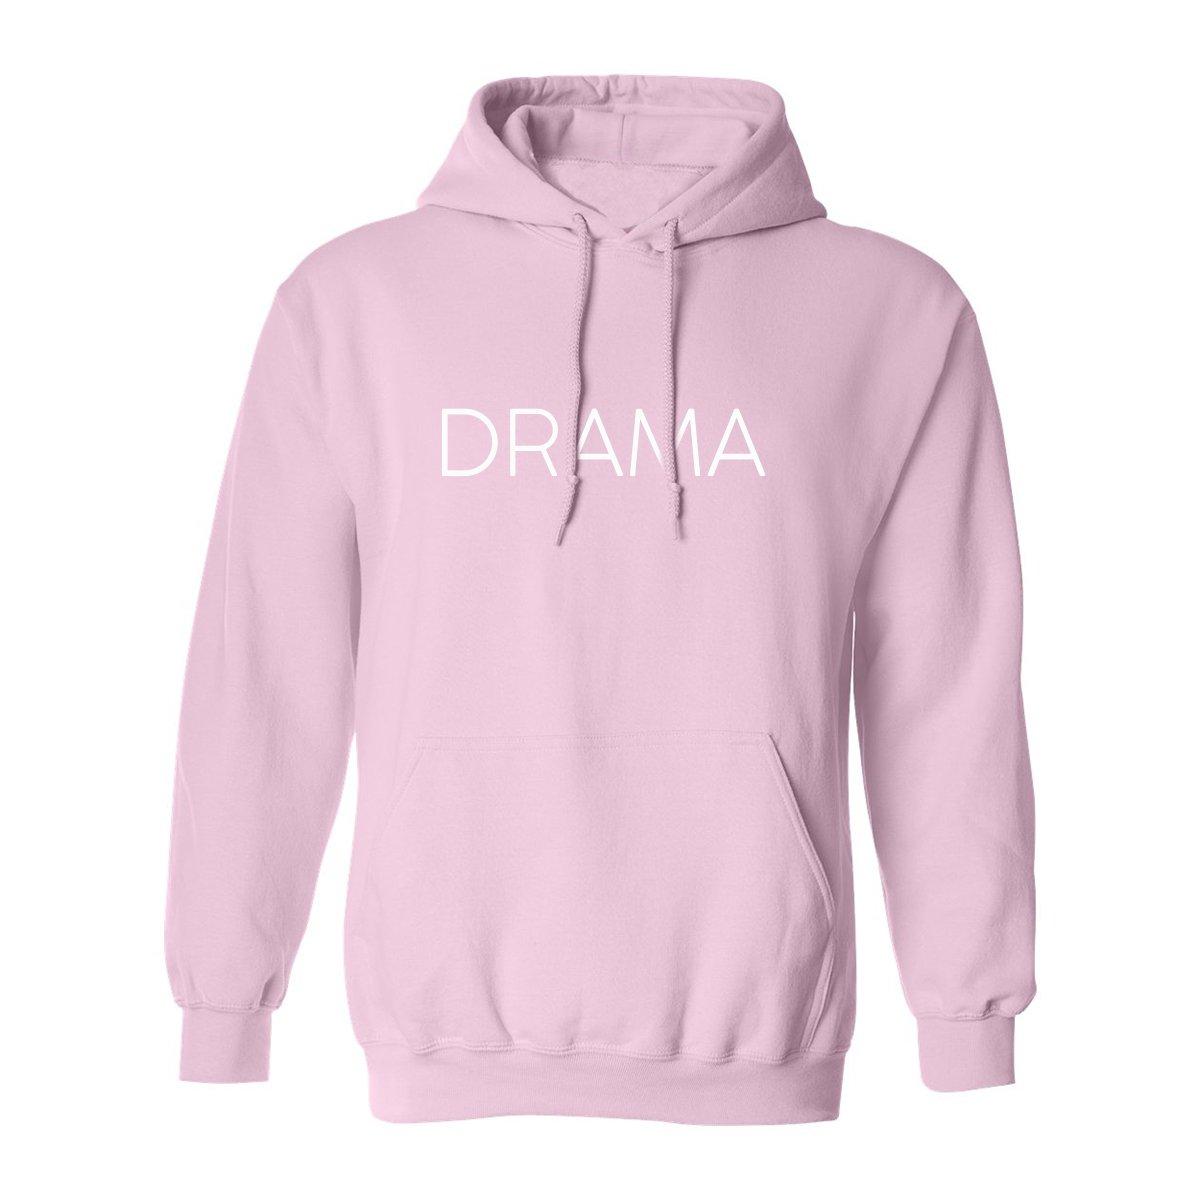 ZeroGravitee Drama Adult Hooded Sweatshirt